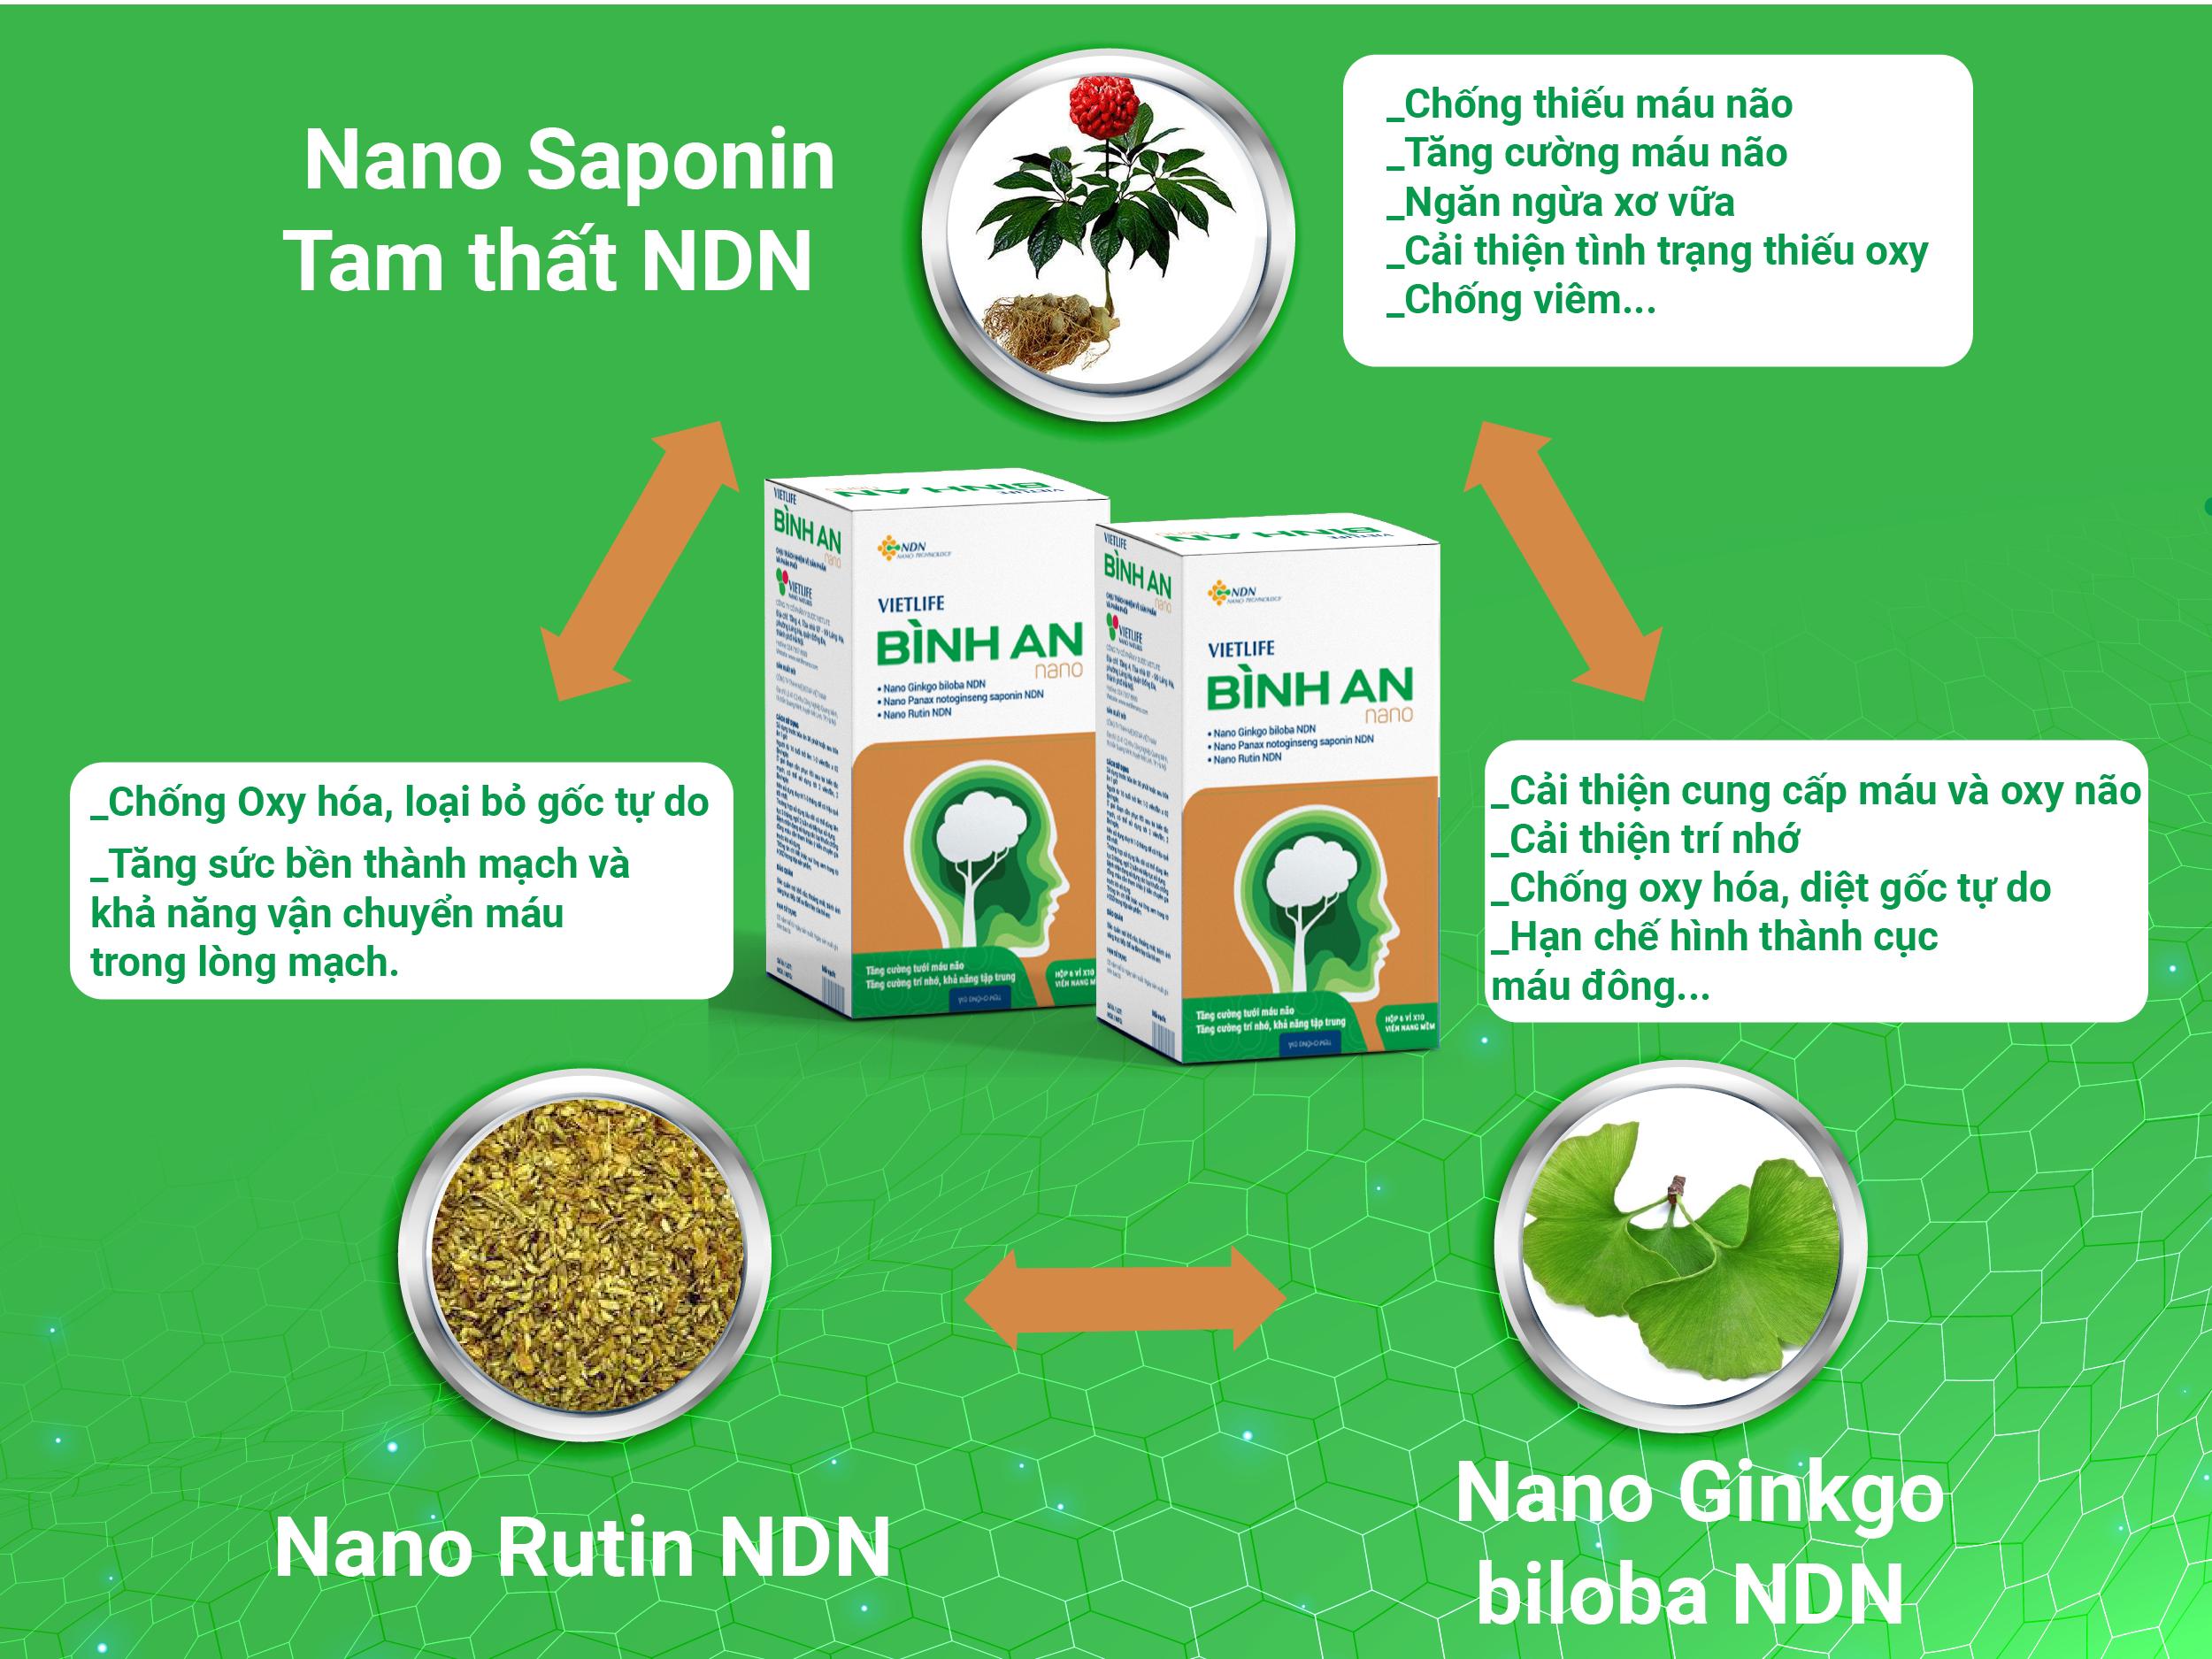 Giải pháp mới trị đau đầu từ Nano Dược liệu 1